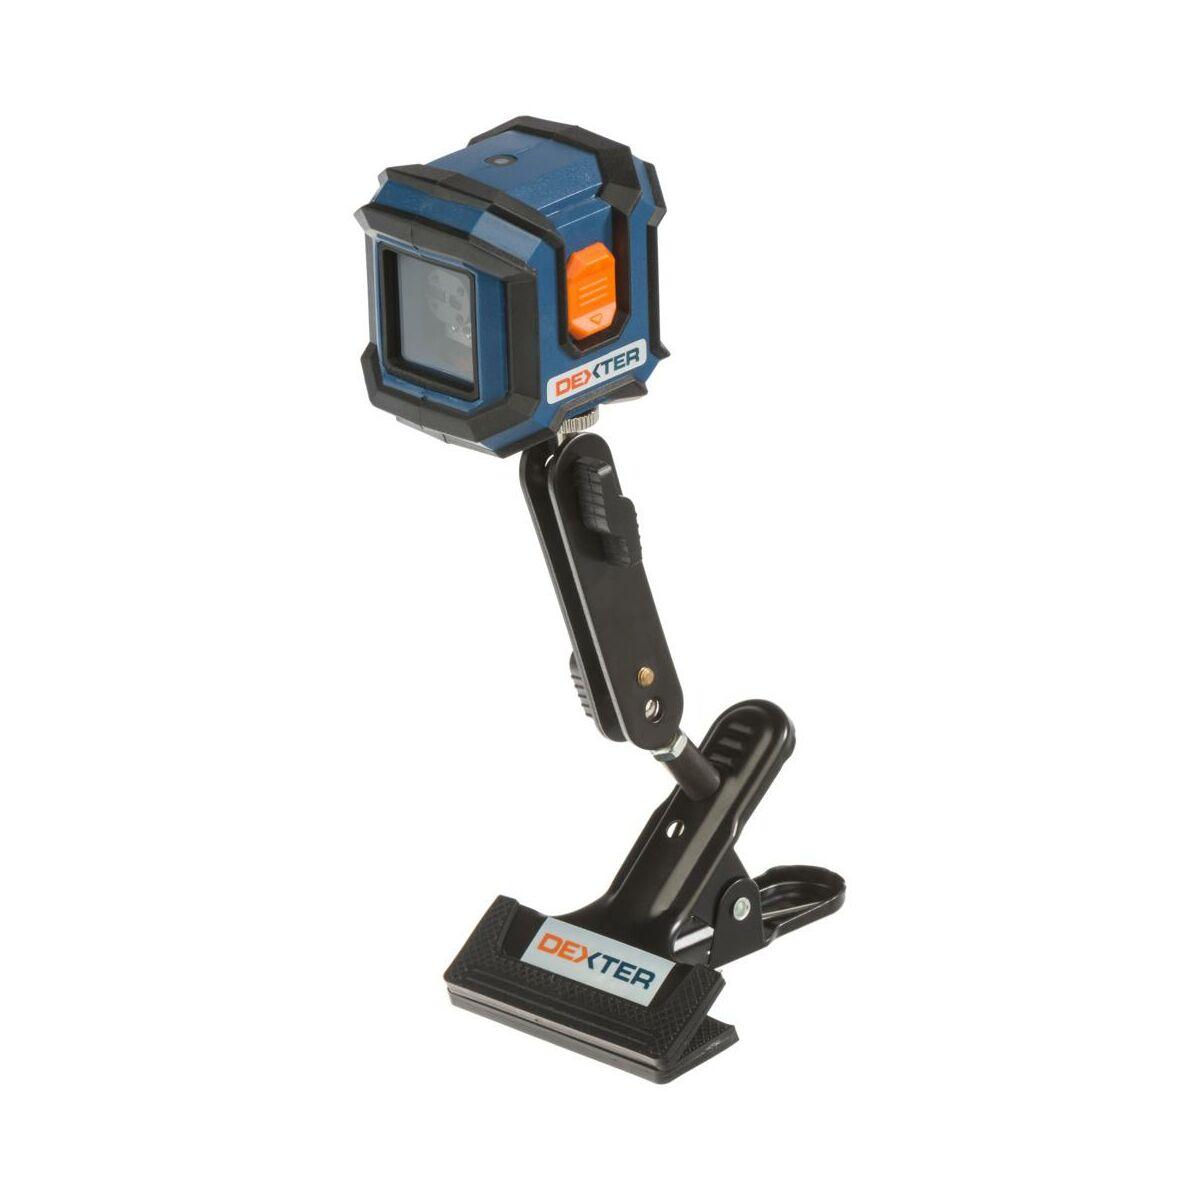 Poziomica Laserowa 10 M Krzyzowa Nlc02 Dexter Urzadzenia Laserowe W Atrakcyjnej Cenie W Sklepach Leroy Merlin